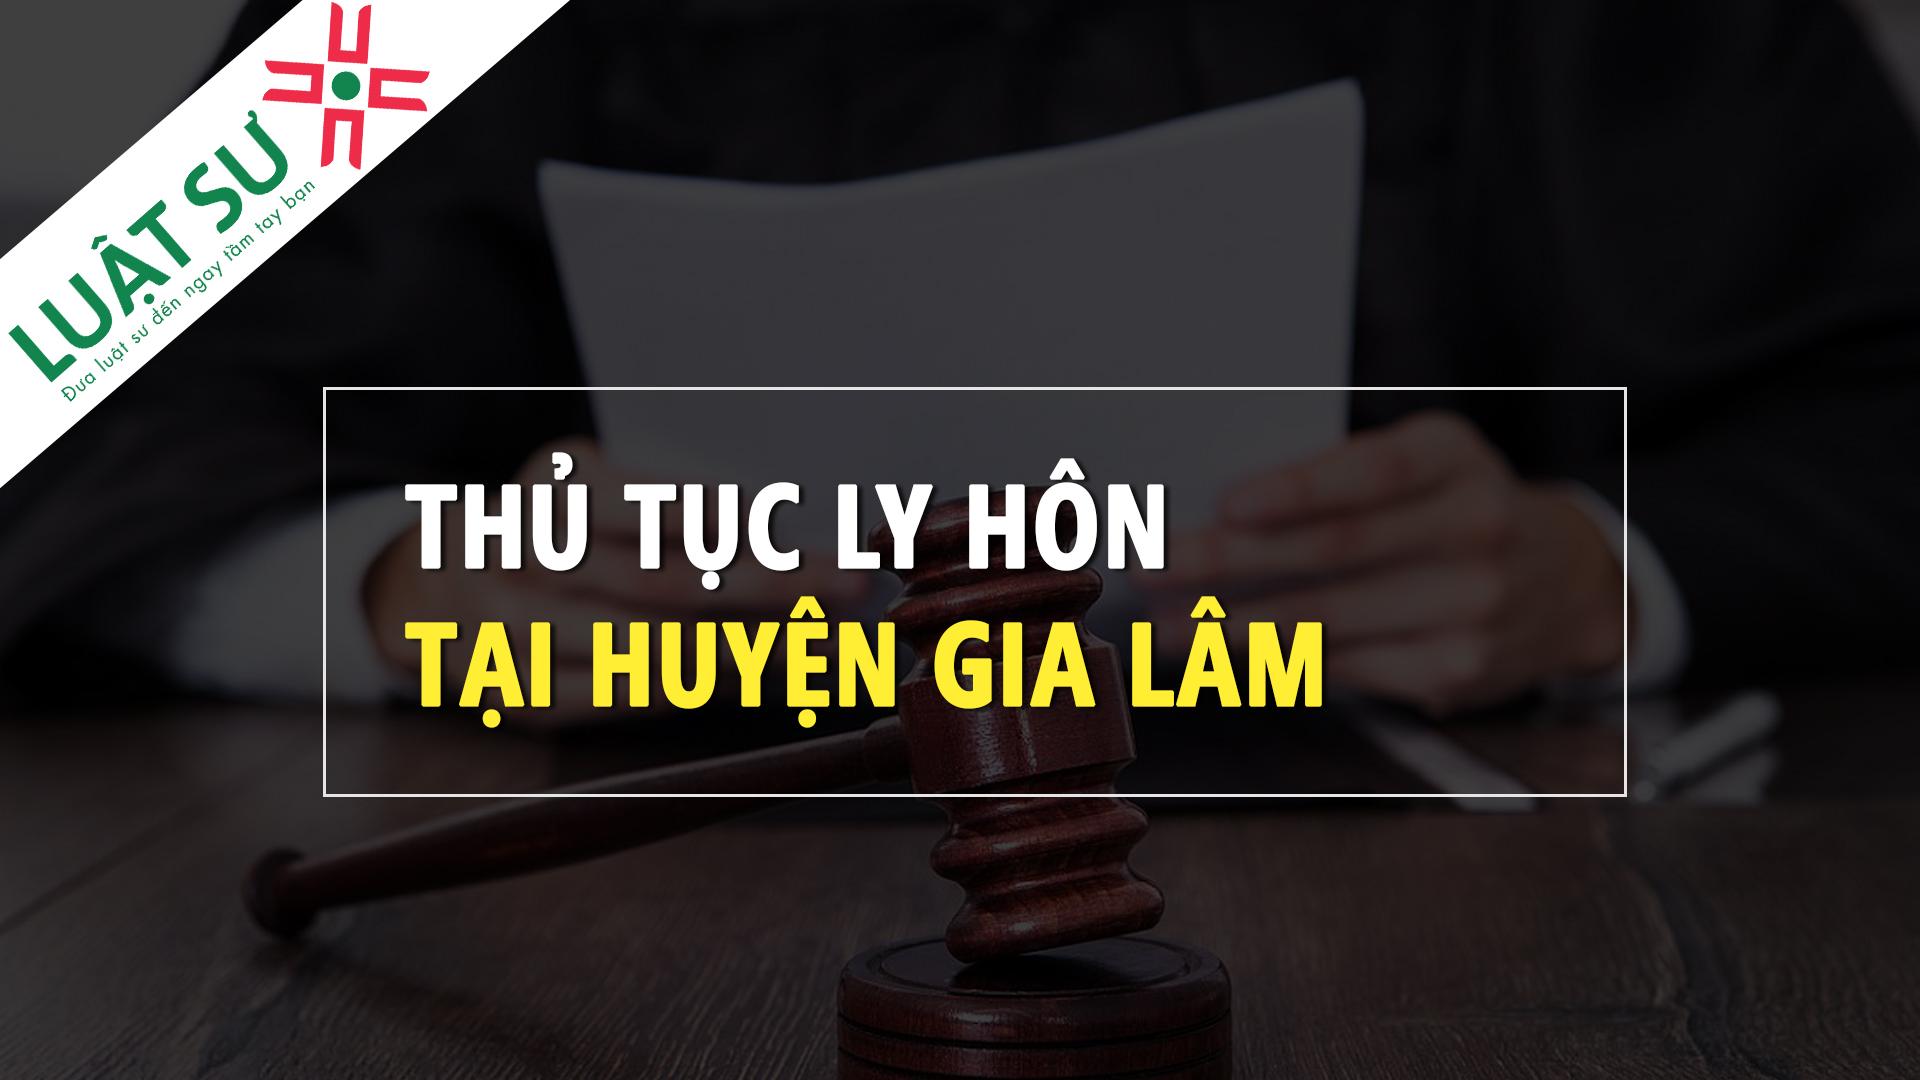 Thủ tục ly hôn tại Huyện Gia Lâm